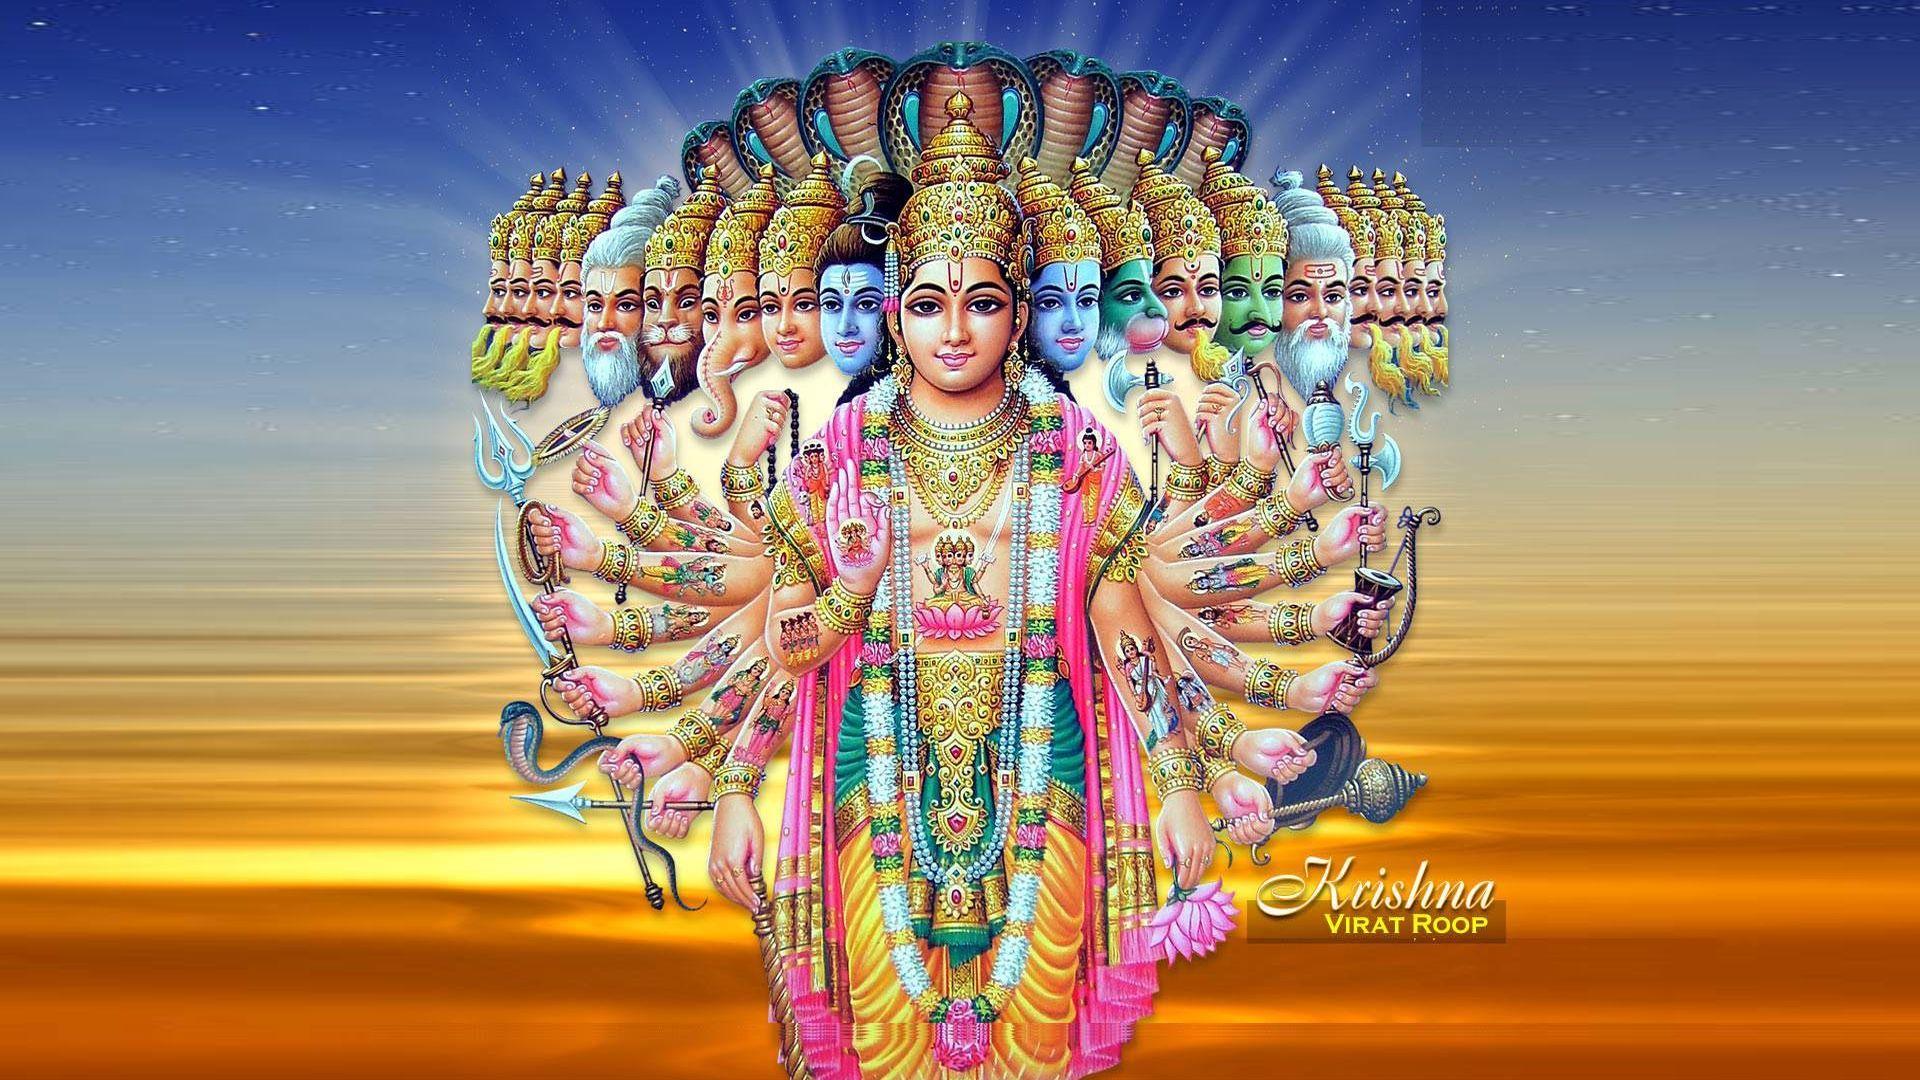 Shri Krishna Virat Swaroop Image